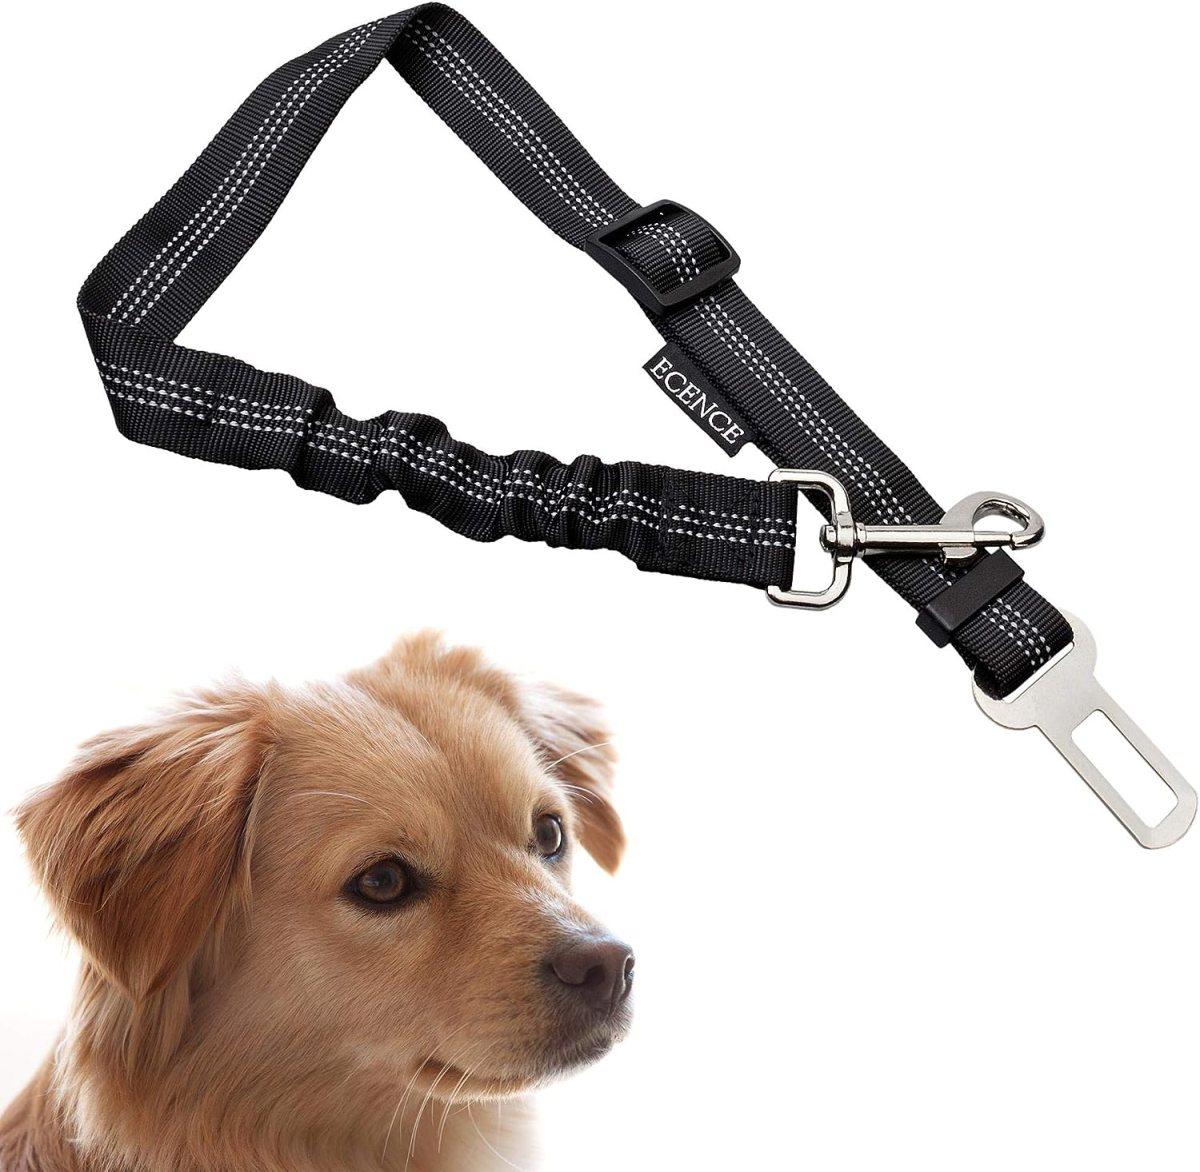 ECENCE 1x cinturón de Seguridad para Perro cinturón elástico para Mascotas 11020109